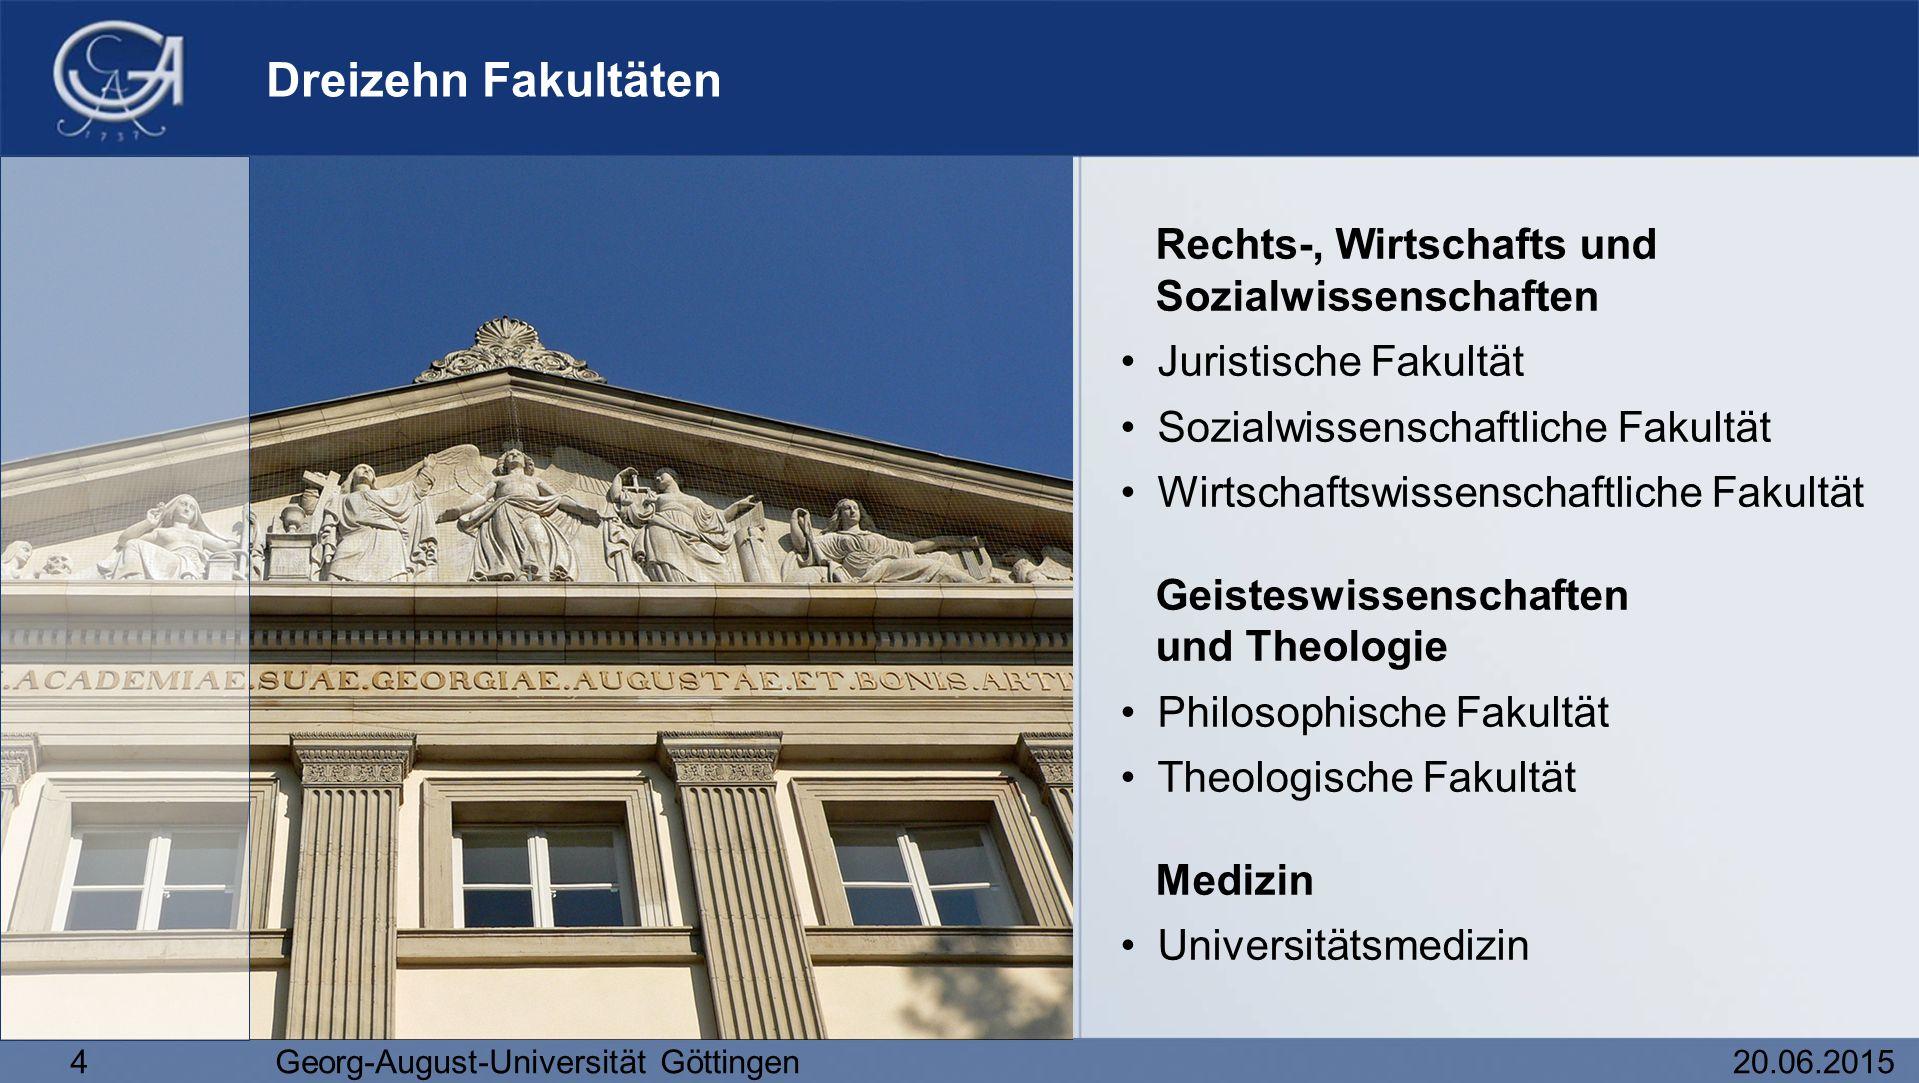 4Georg-August-Universität Göttingen20.06.2015 Dreizehn Fakultäten Rechts-, Wirtschafts und Sozialwissenschaften Juristische Fakultät Sozialwissenschaf